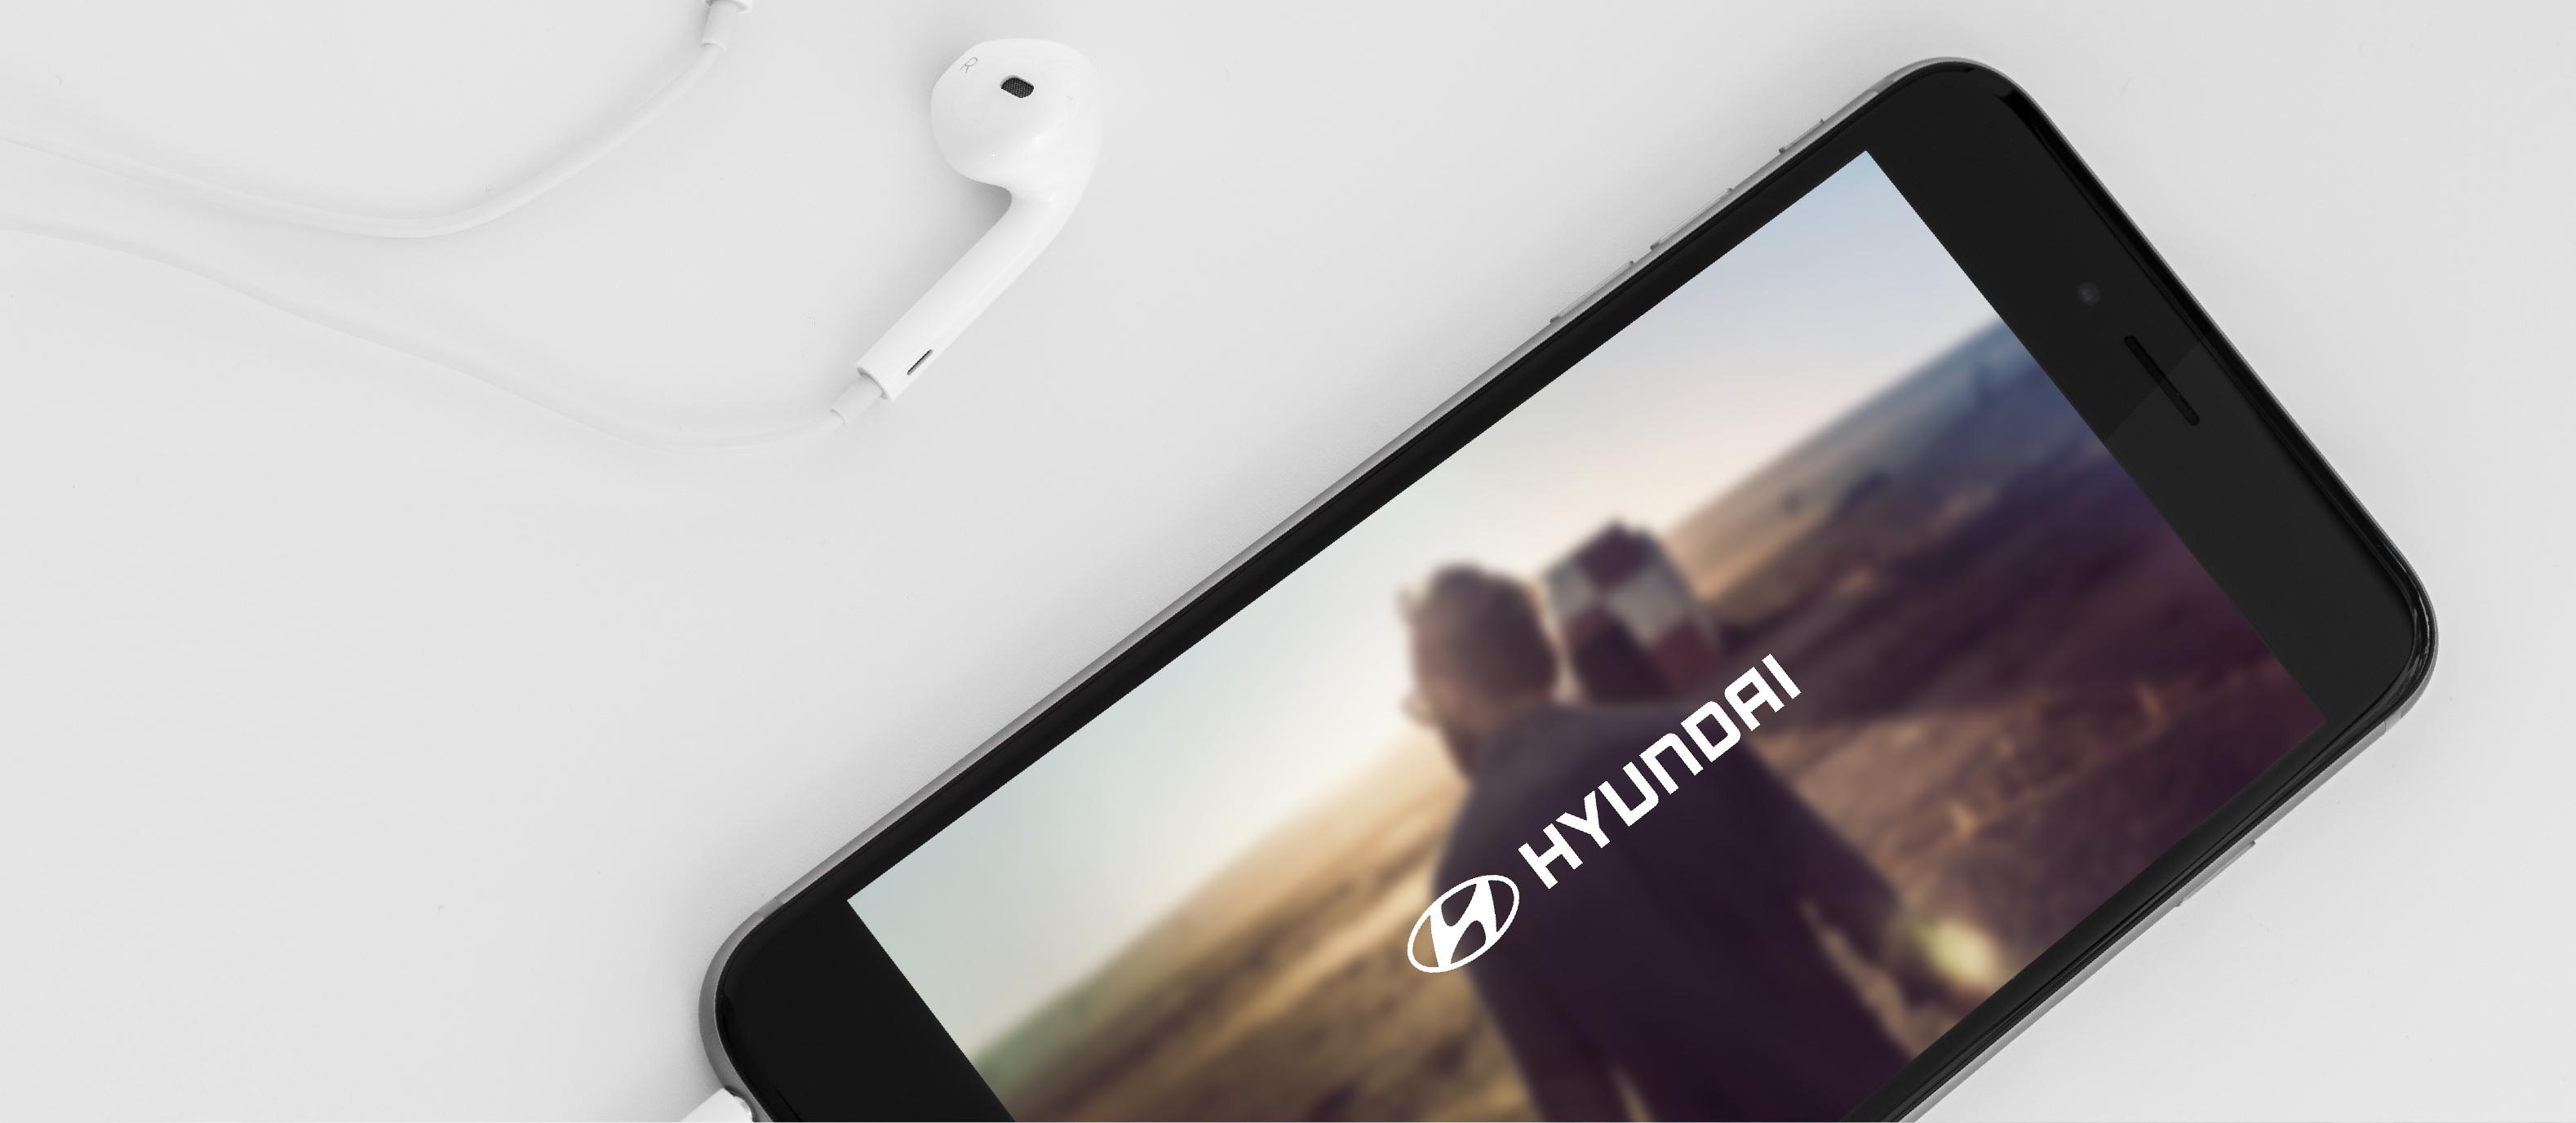 Hyundai Audio Branding